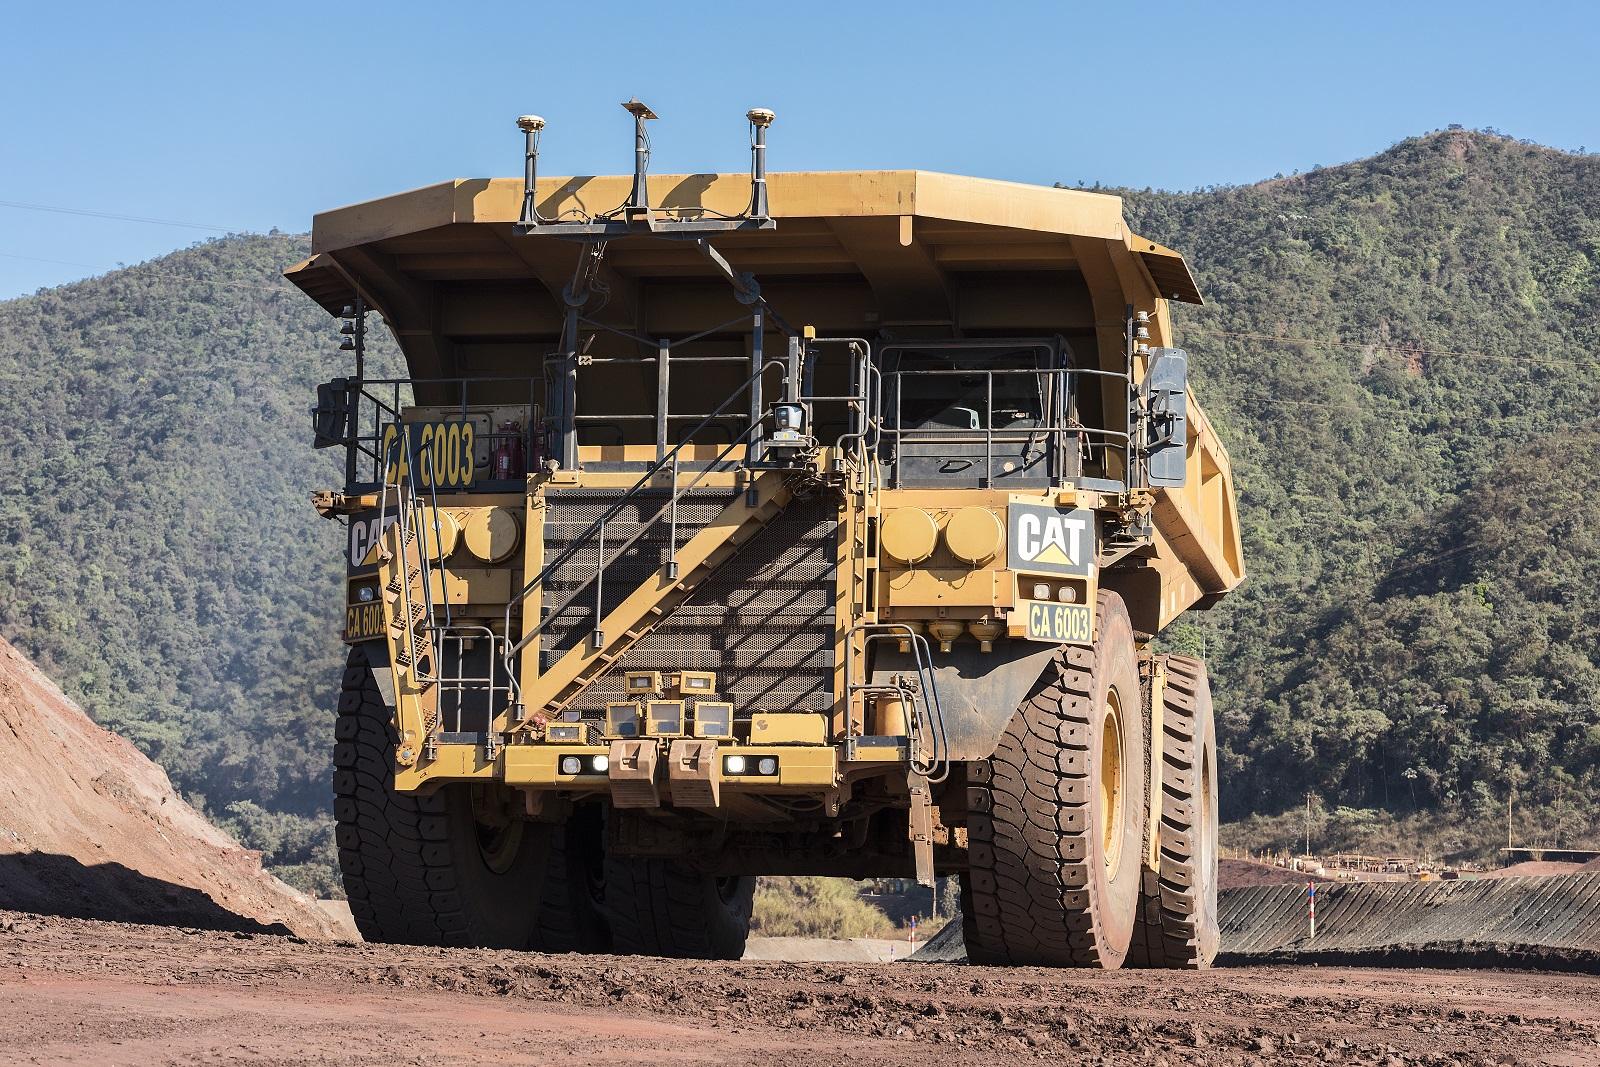 Vale terá dez caminhões autônomos em Carajás, maior mina a céu aberto do mundo